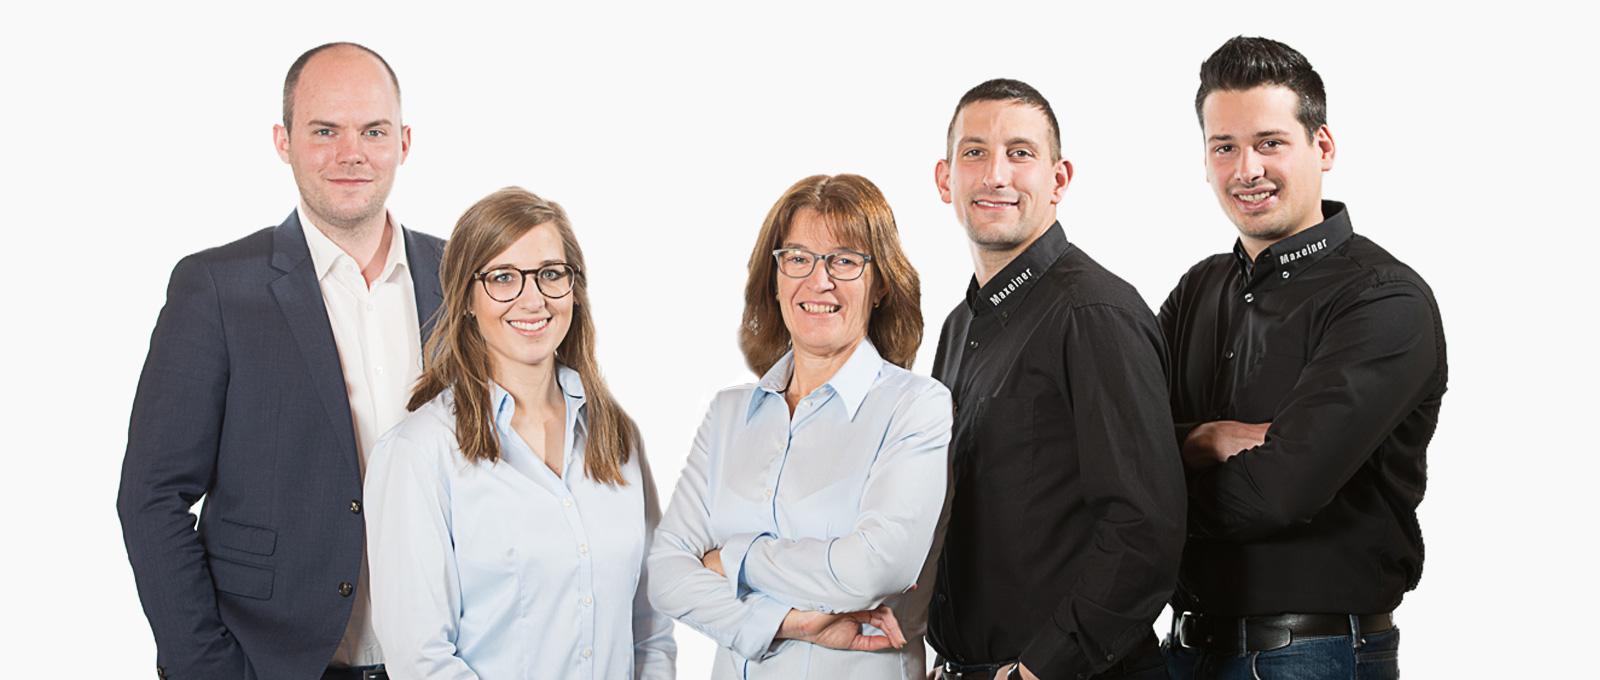 Maxeiner Nastätten team maxeiner gmbh energietechnik